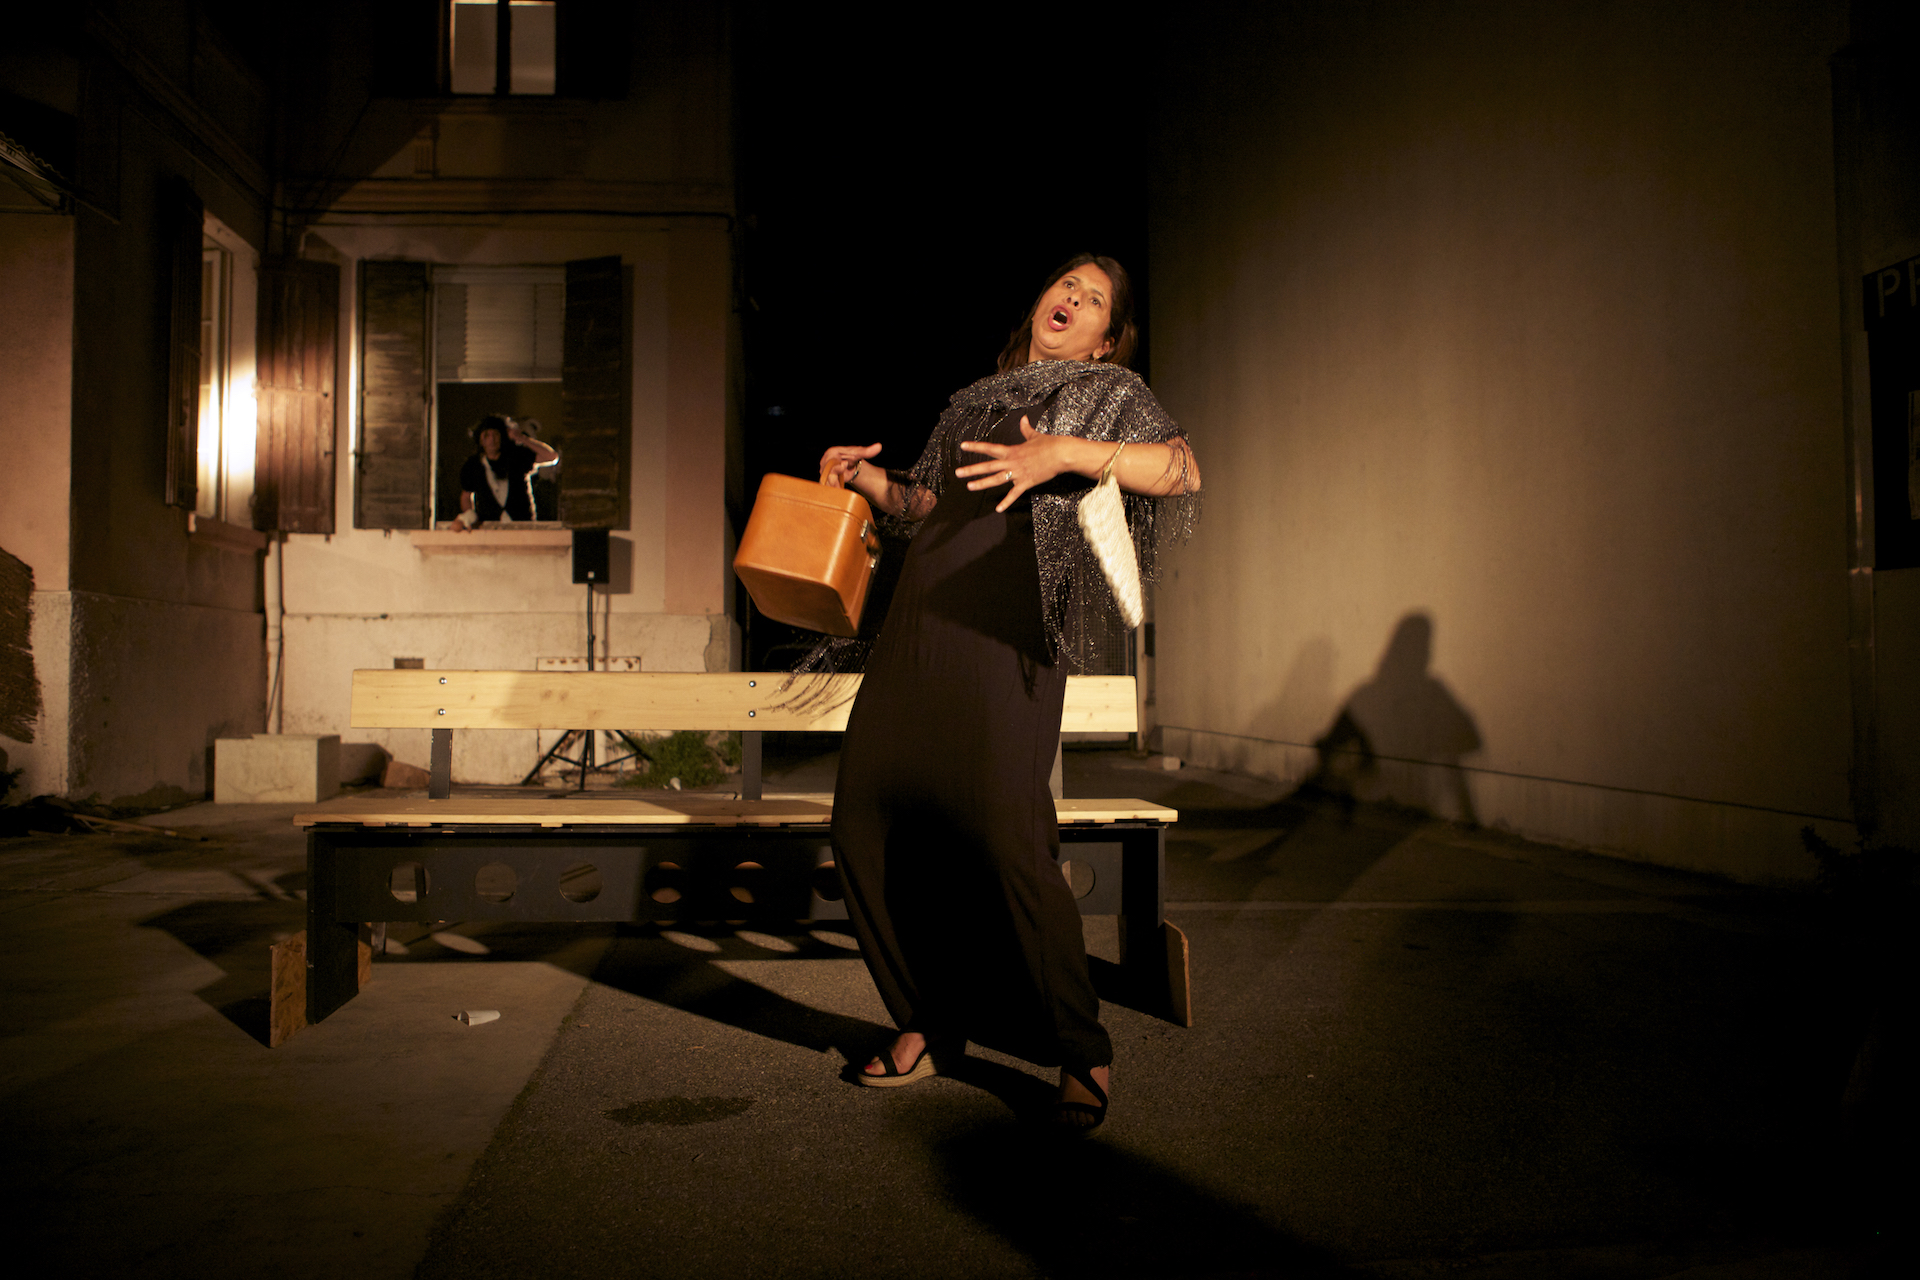 Compagnie mises en scènes 8 - Blandine Armand - série photos